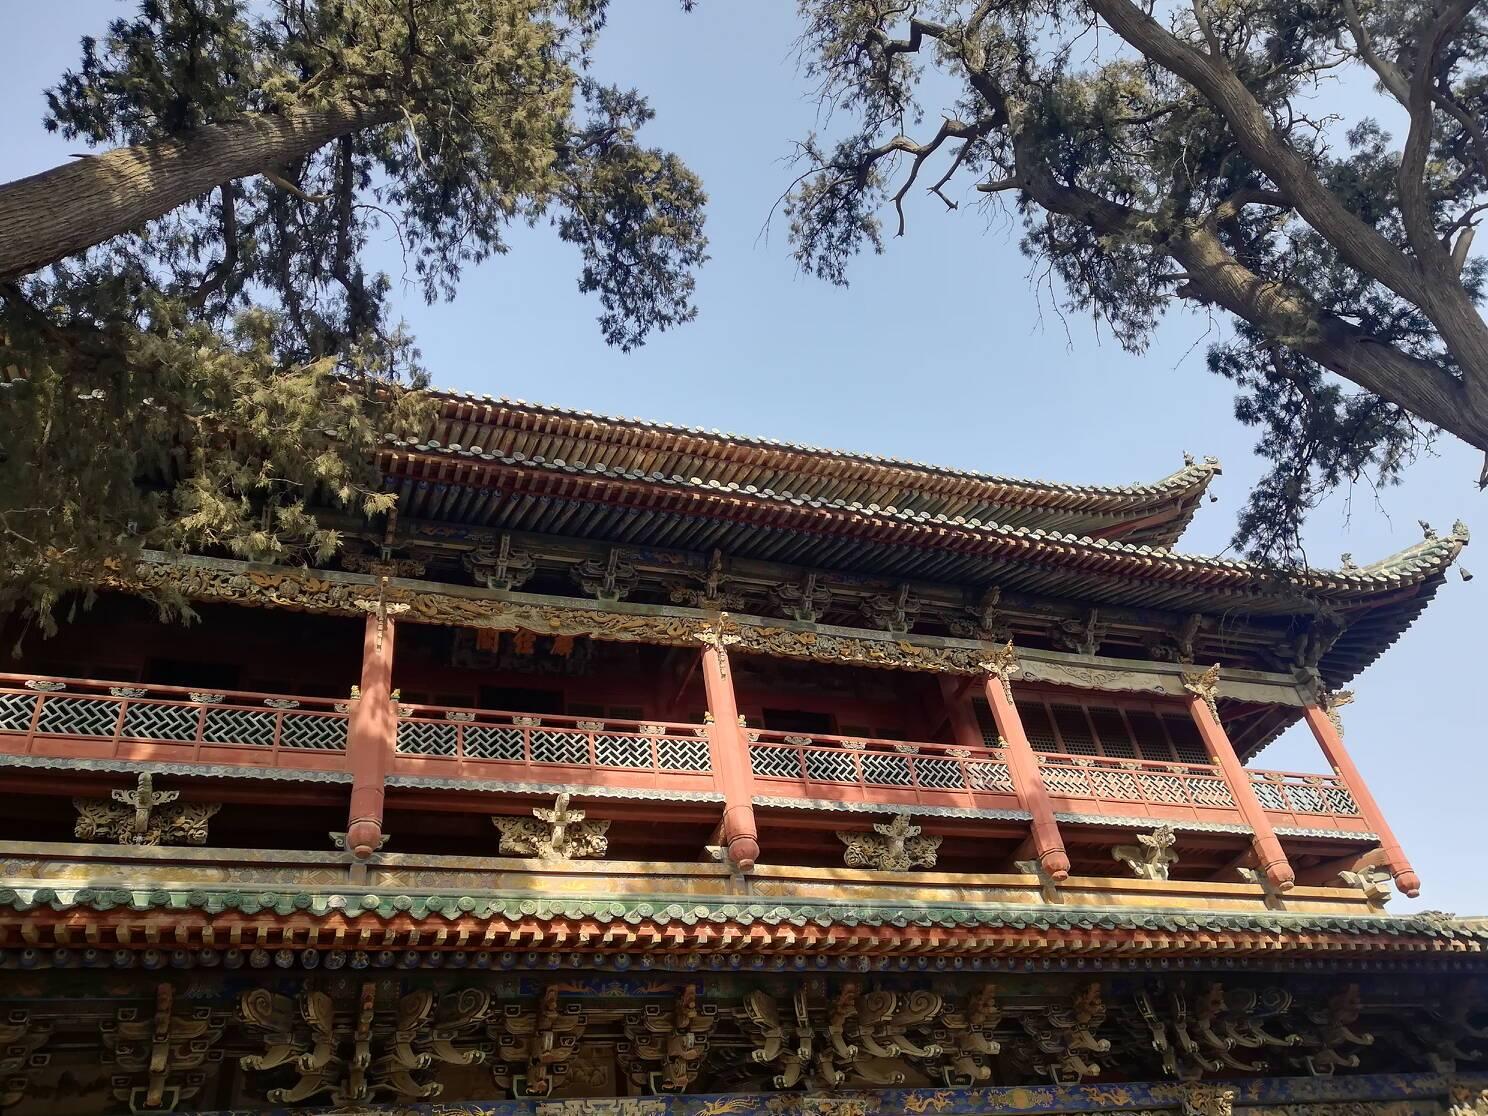 世界最大最早的关帝庙,院内四颗古树长成龙形,是人为还是天意?